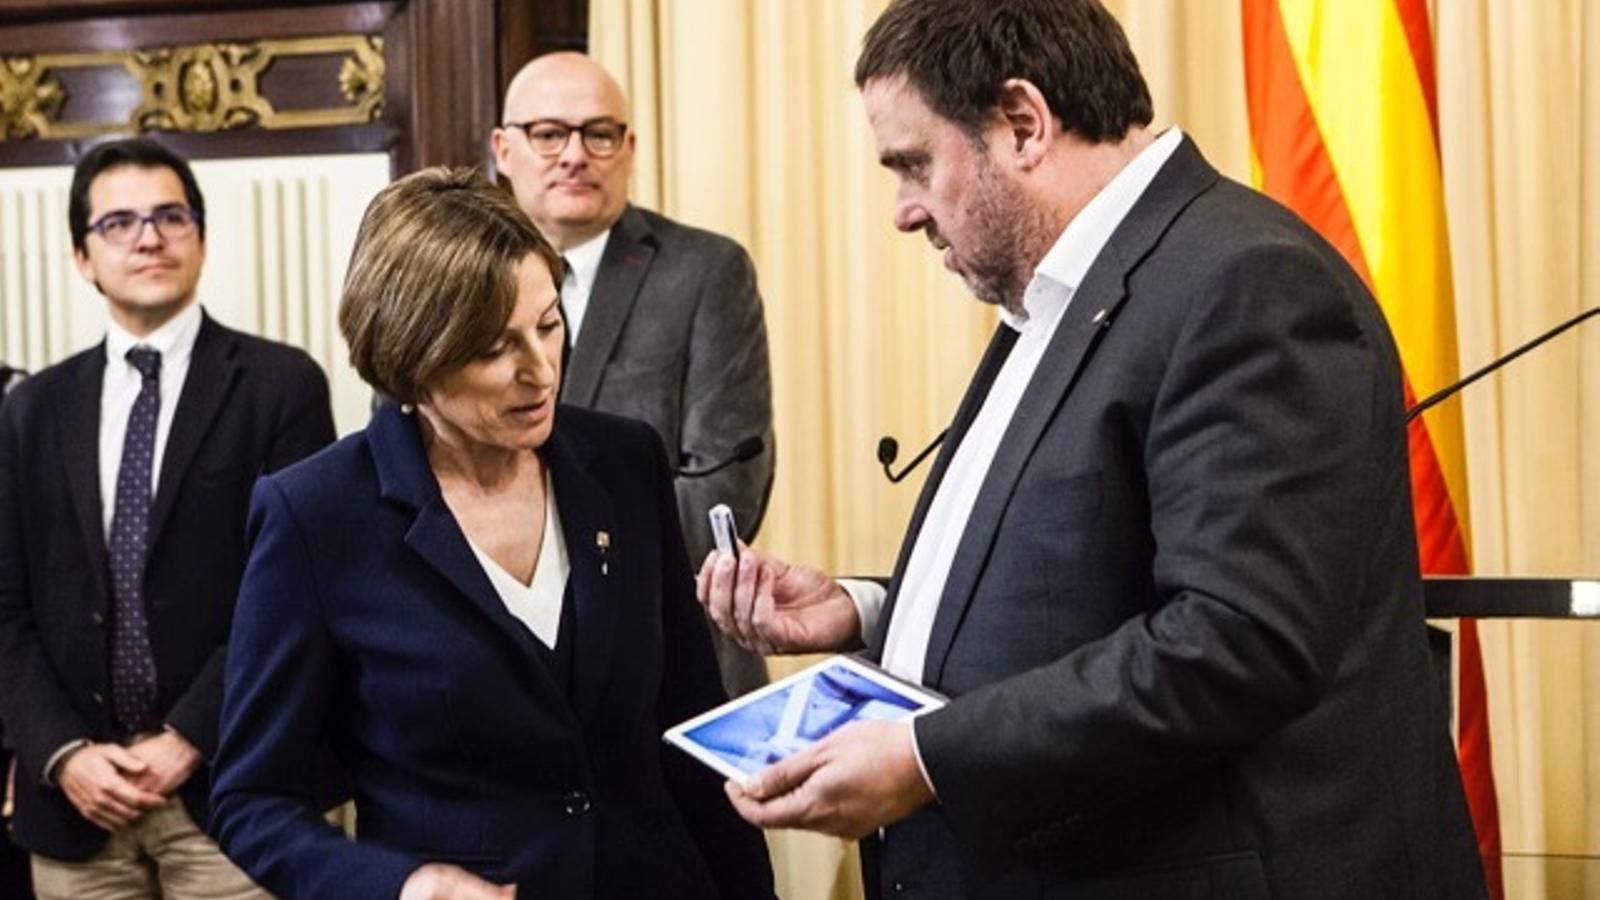 El vicepresident de la Generalitat, Oriol Junqueras, entrega els pressupostos a la presidenta del Parlament, Carme Forcadell.